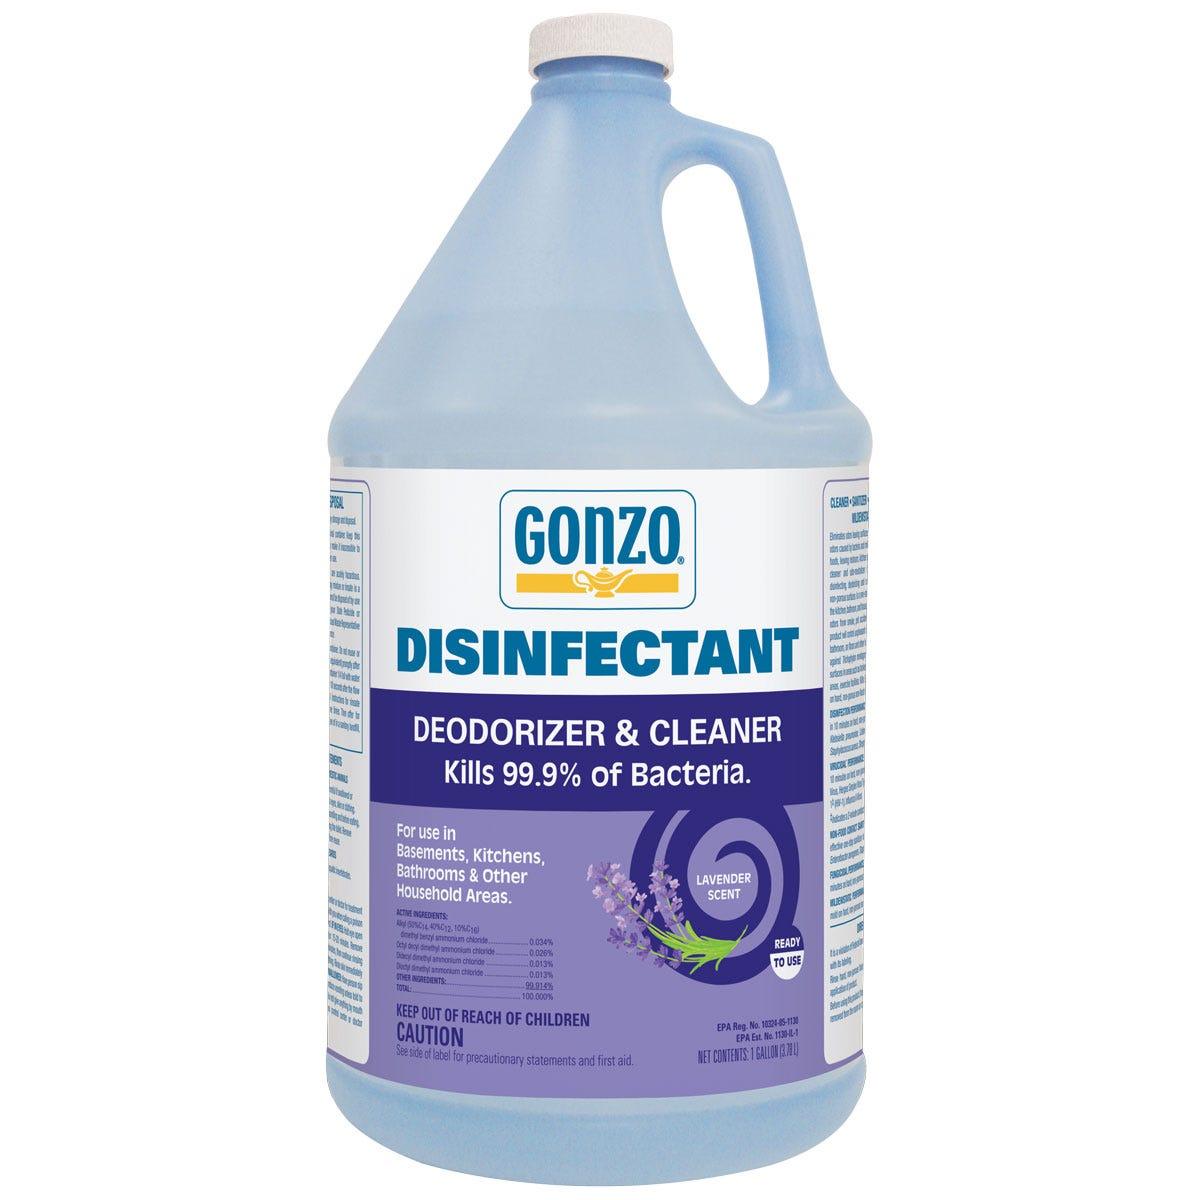 https://googone.com/media/catalog/product/l/a/lavender-disinfectant-odor-eliminator_front_1_1.jpg